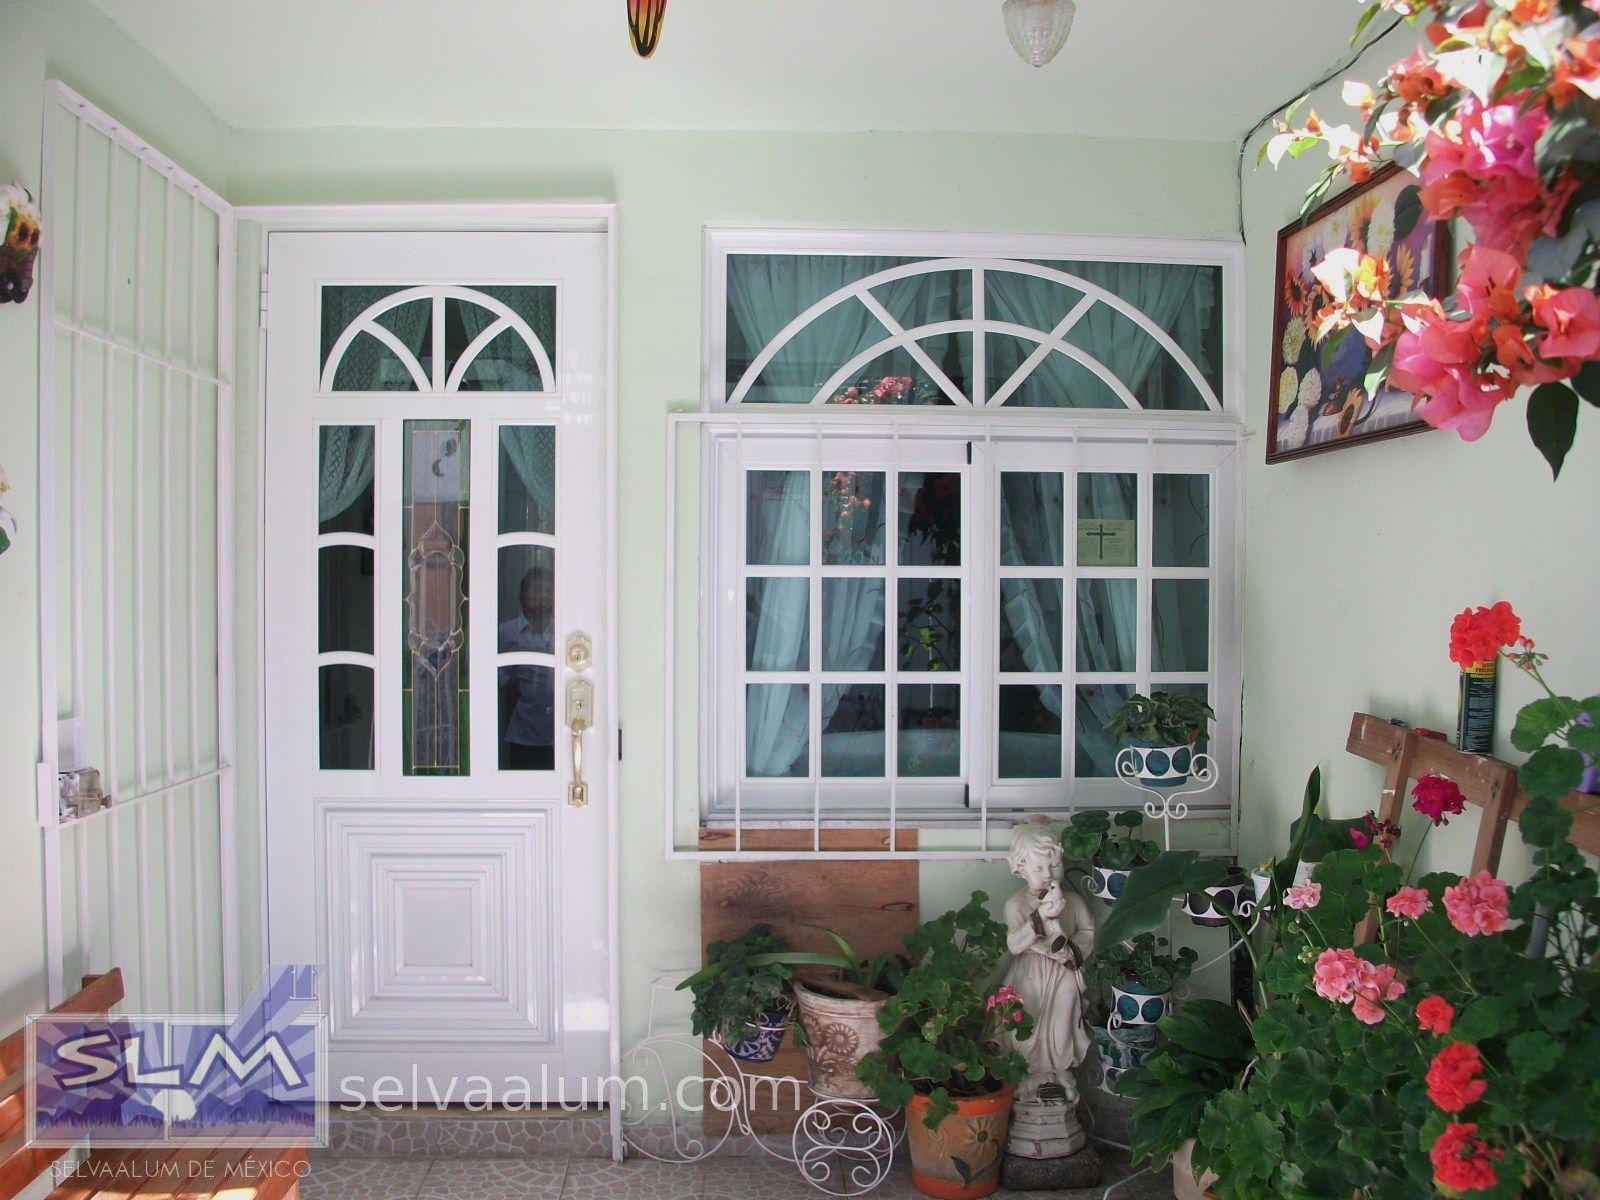 Selvaalum puertas y ventanas de aluminio linea espa ola for Puertas prefabricadas precios